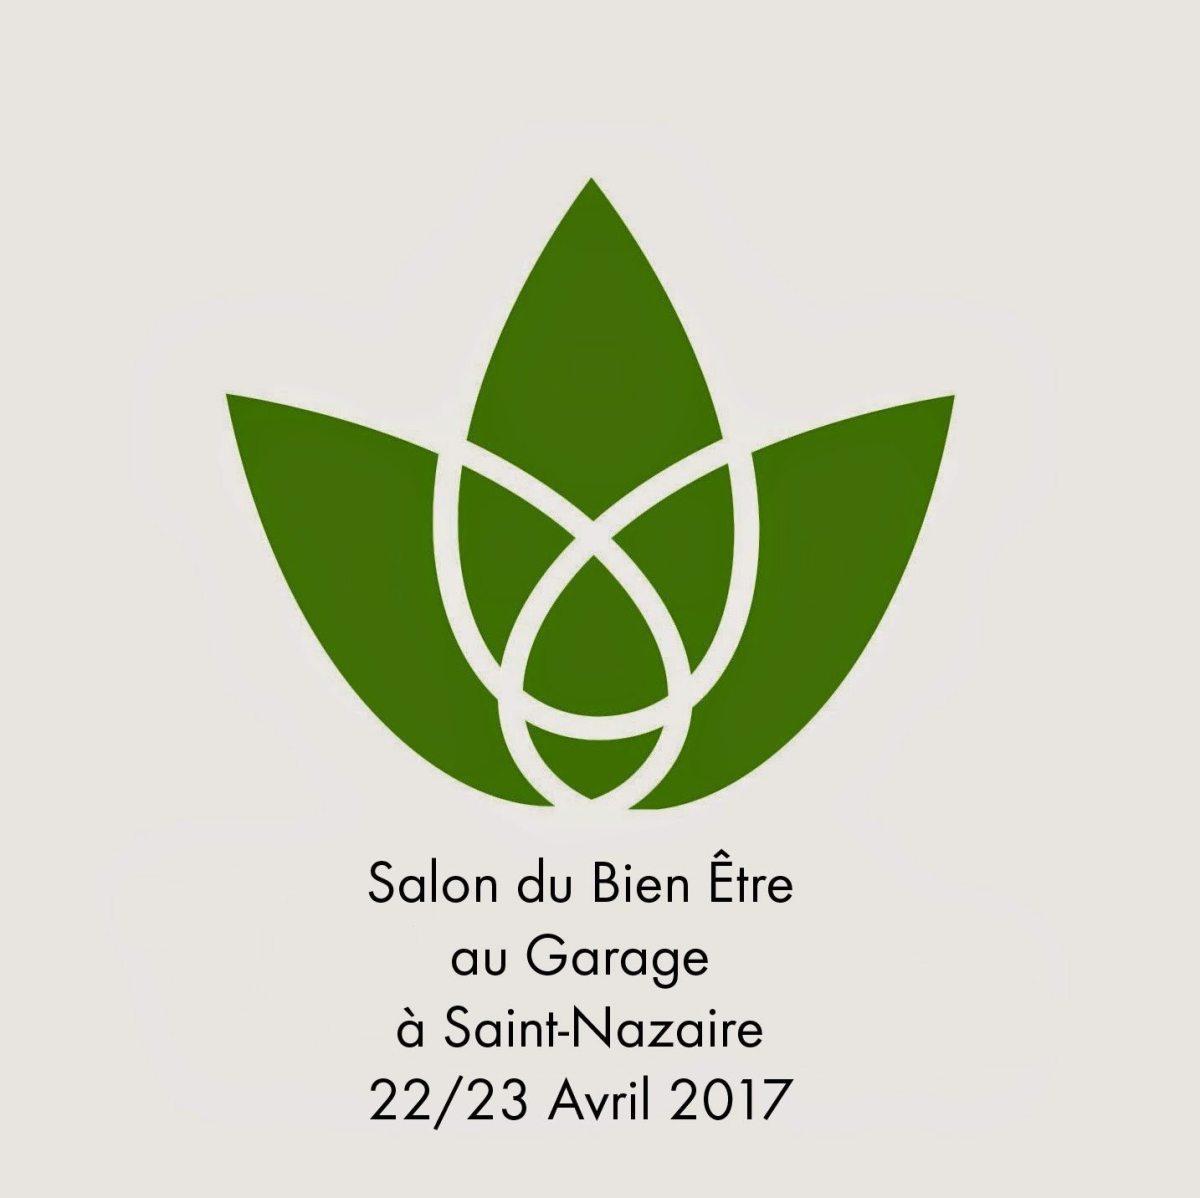 Inscription salon bien etre digitus impudicus for Salon bien etre mandelieu